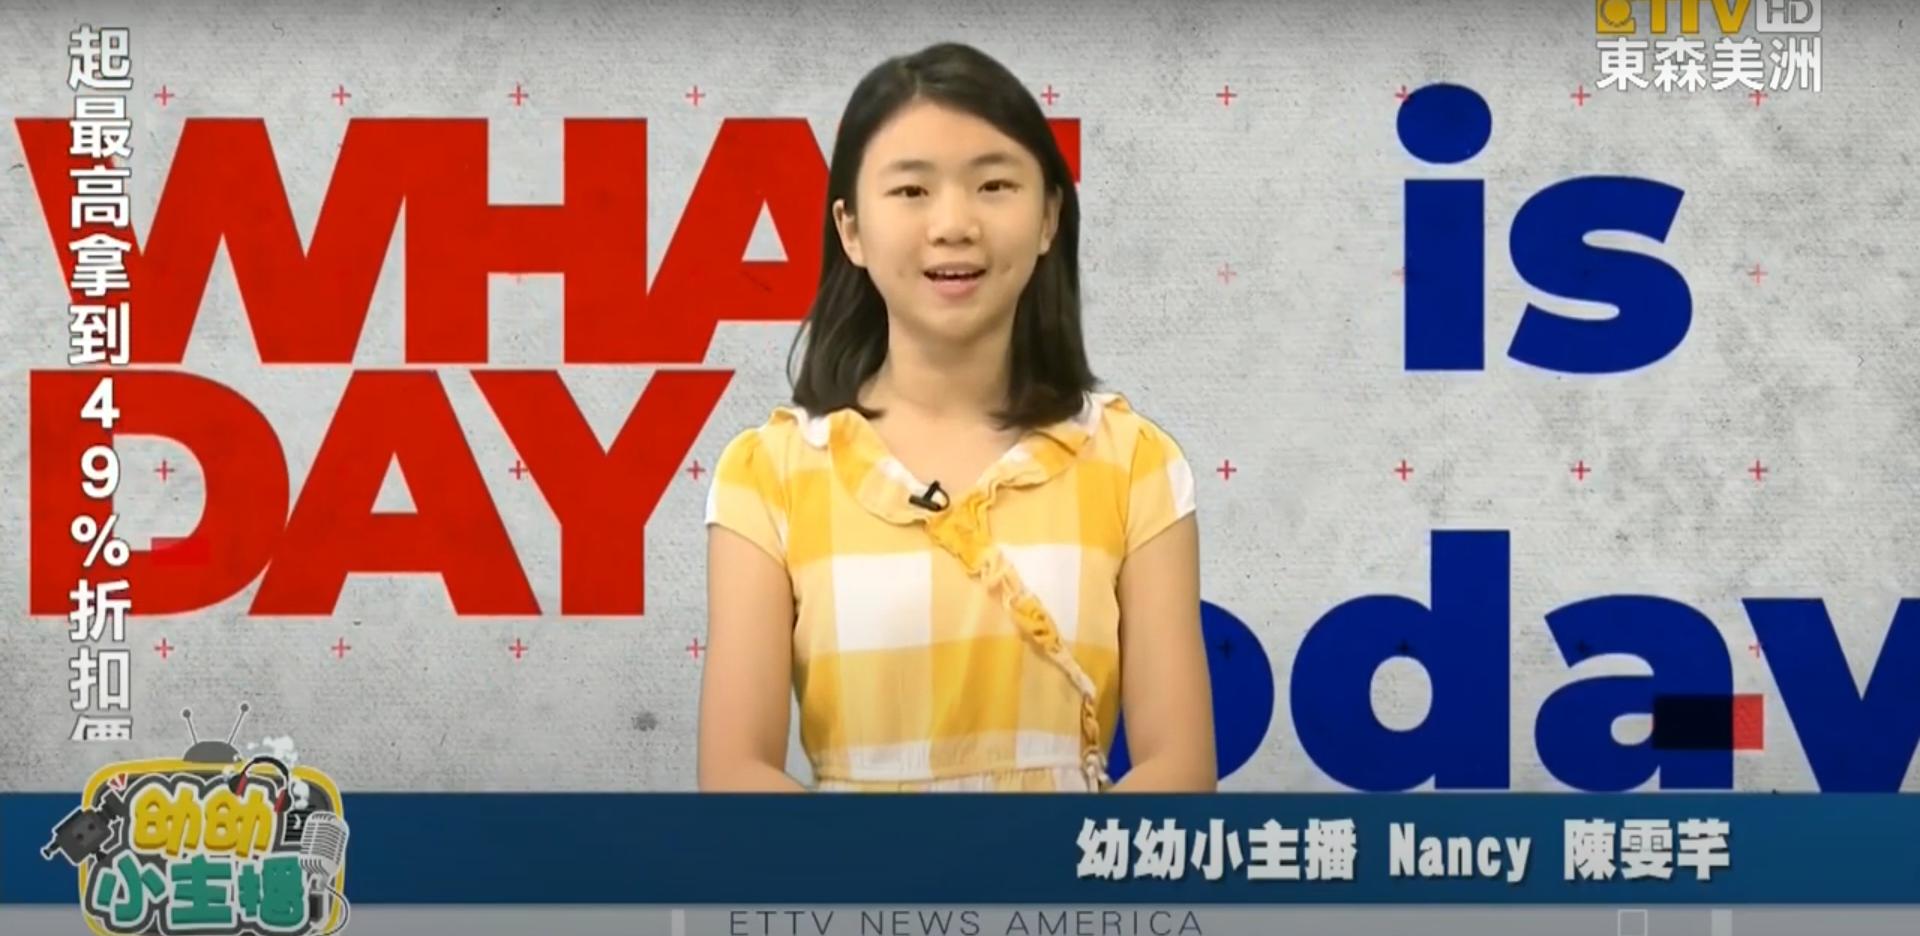 小主播Nancy:6月12日「國家花生醬餅乾日」濃郁風味+爽脆口感